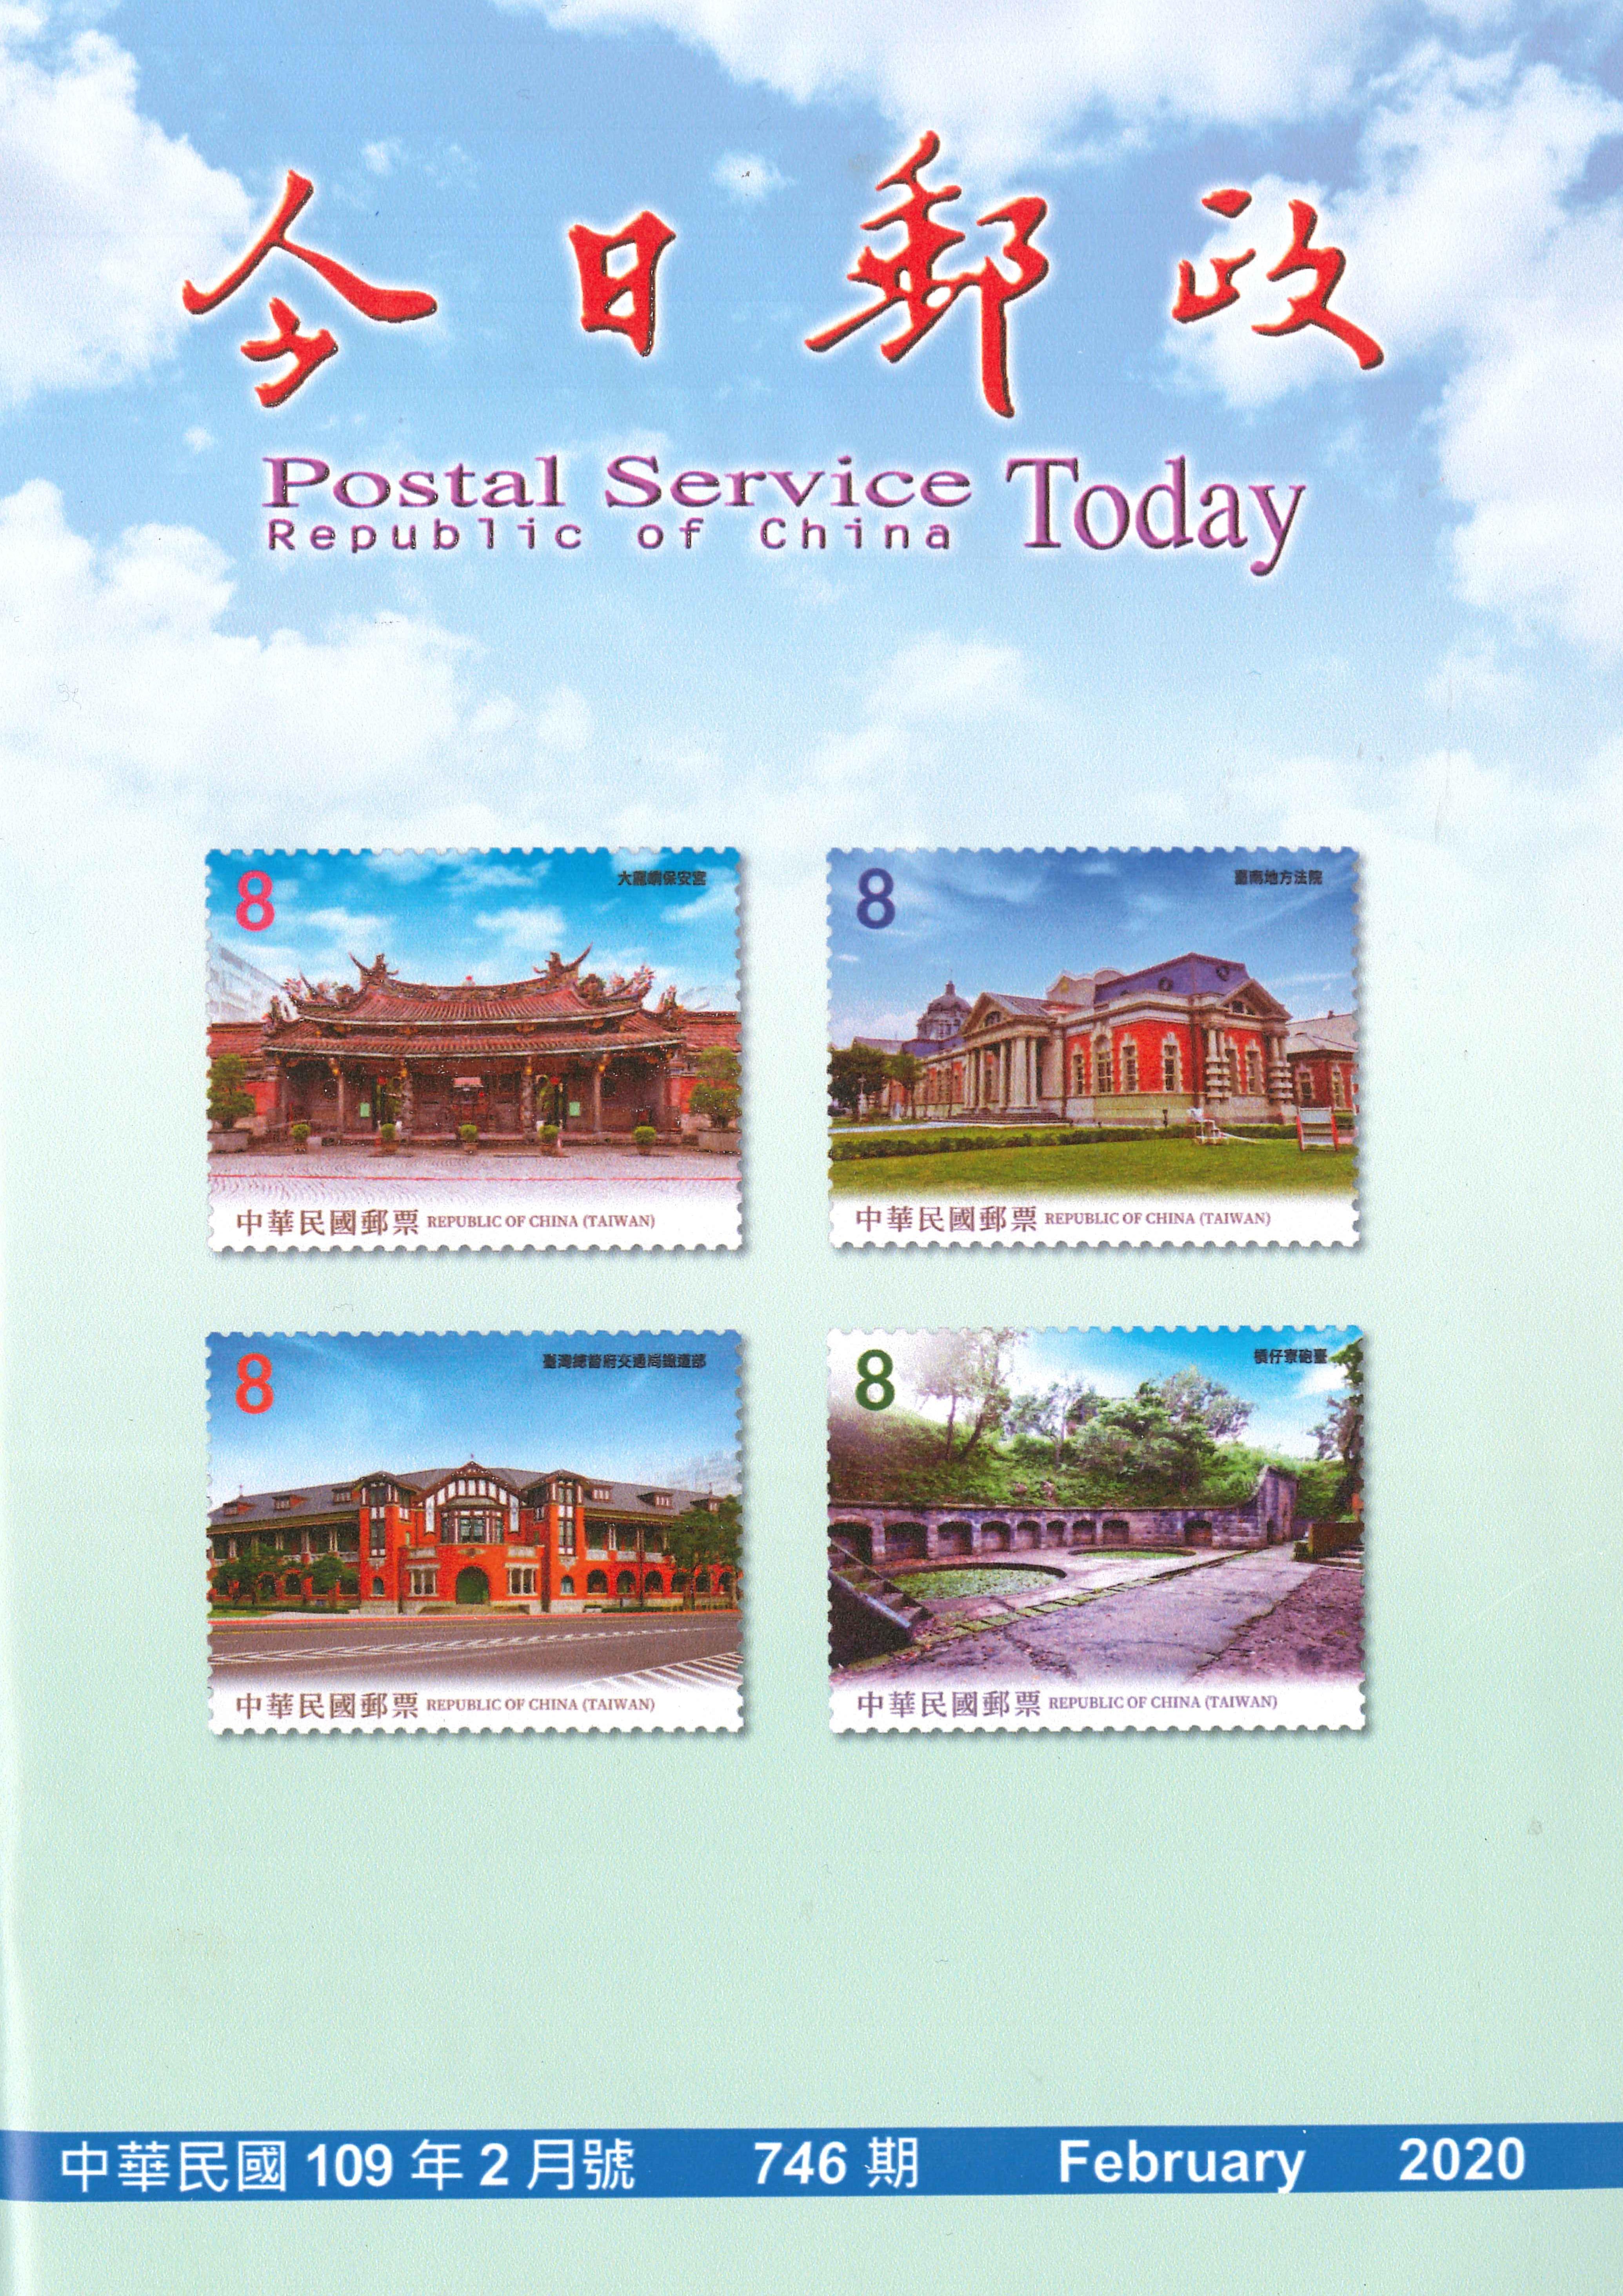 今日郵政第746期(10902)